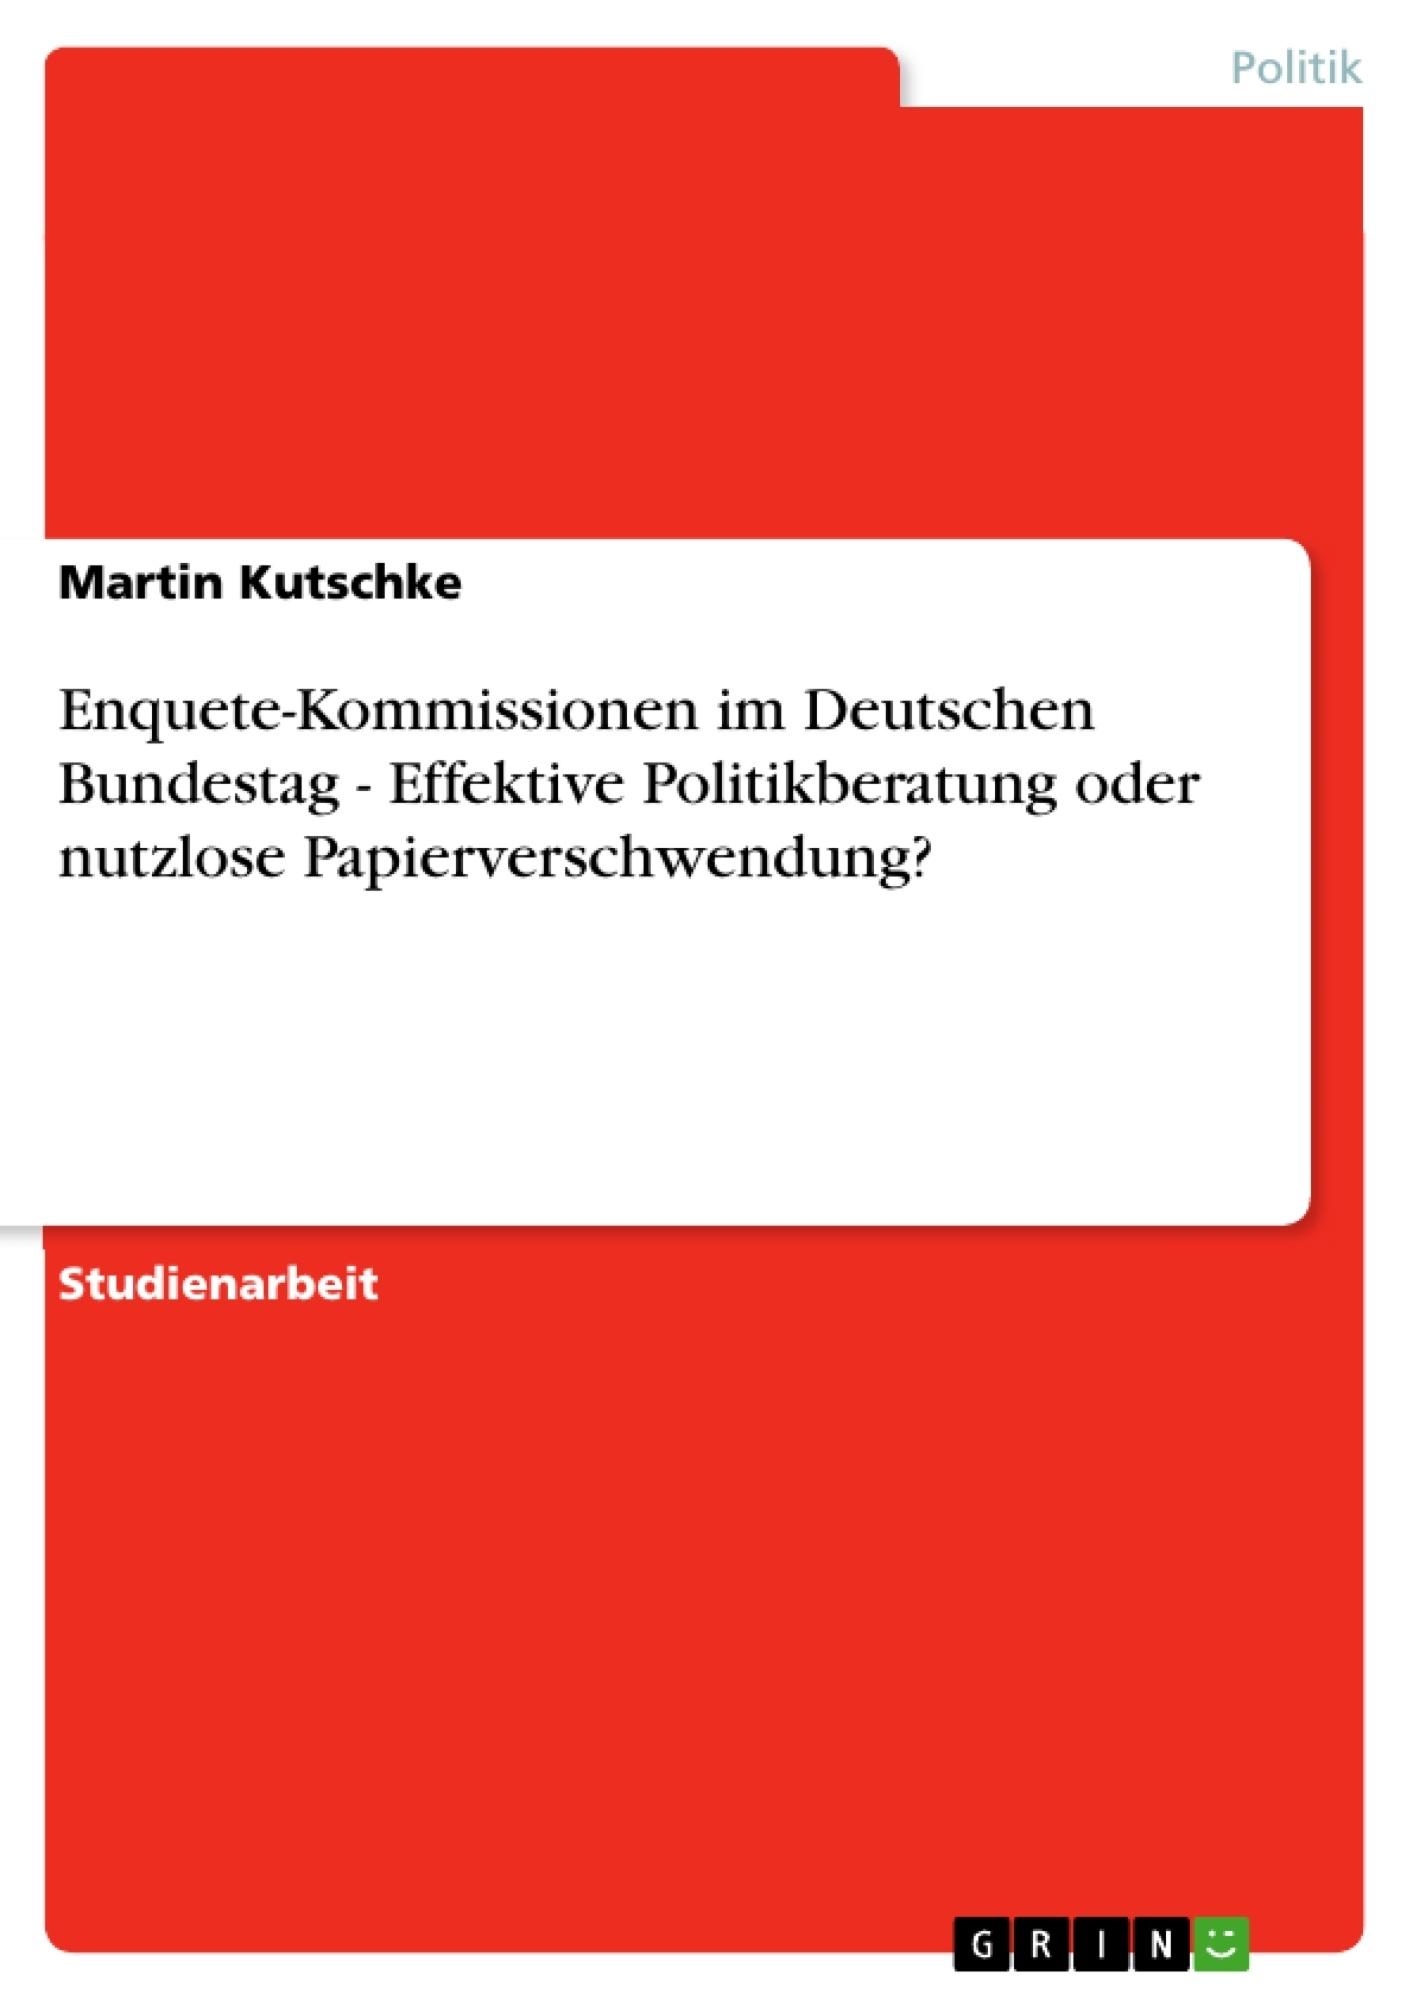 Titel: Enquete-Kommissionen im Deutschen Bundestag - Effektive Politikberatung oder nutzlose Papierverschwendung?